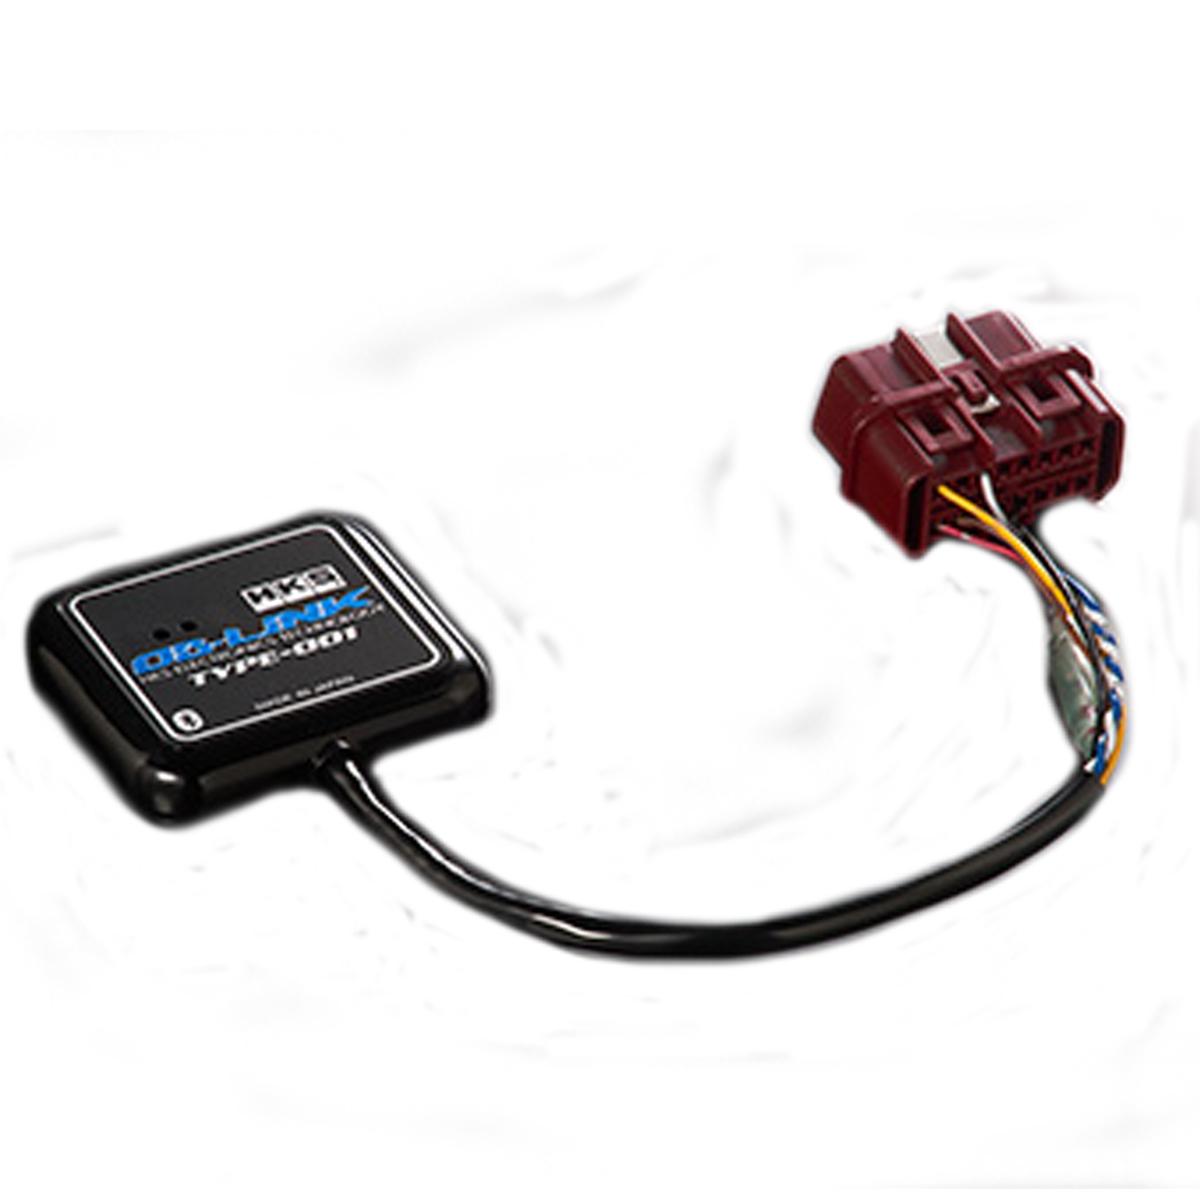 レガシィワゴン レガシー モニター OBリンク タイプ 001 BH5 HKS 44009-AK002 エレクトリニクス